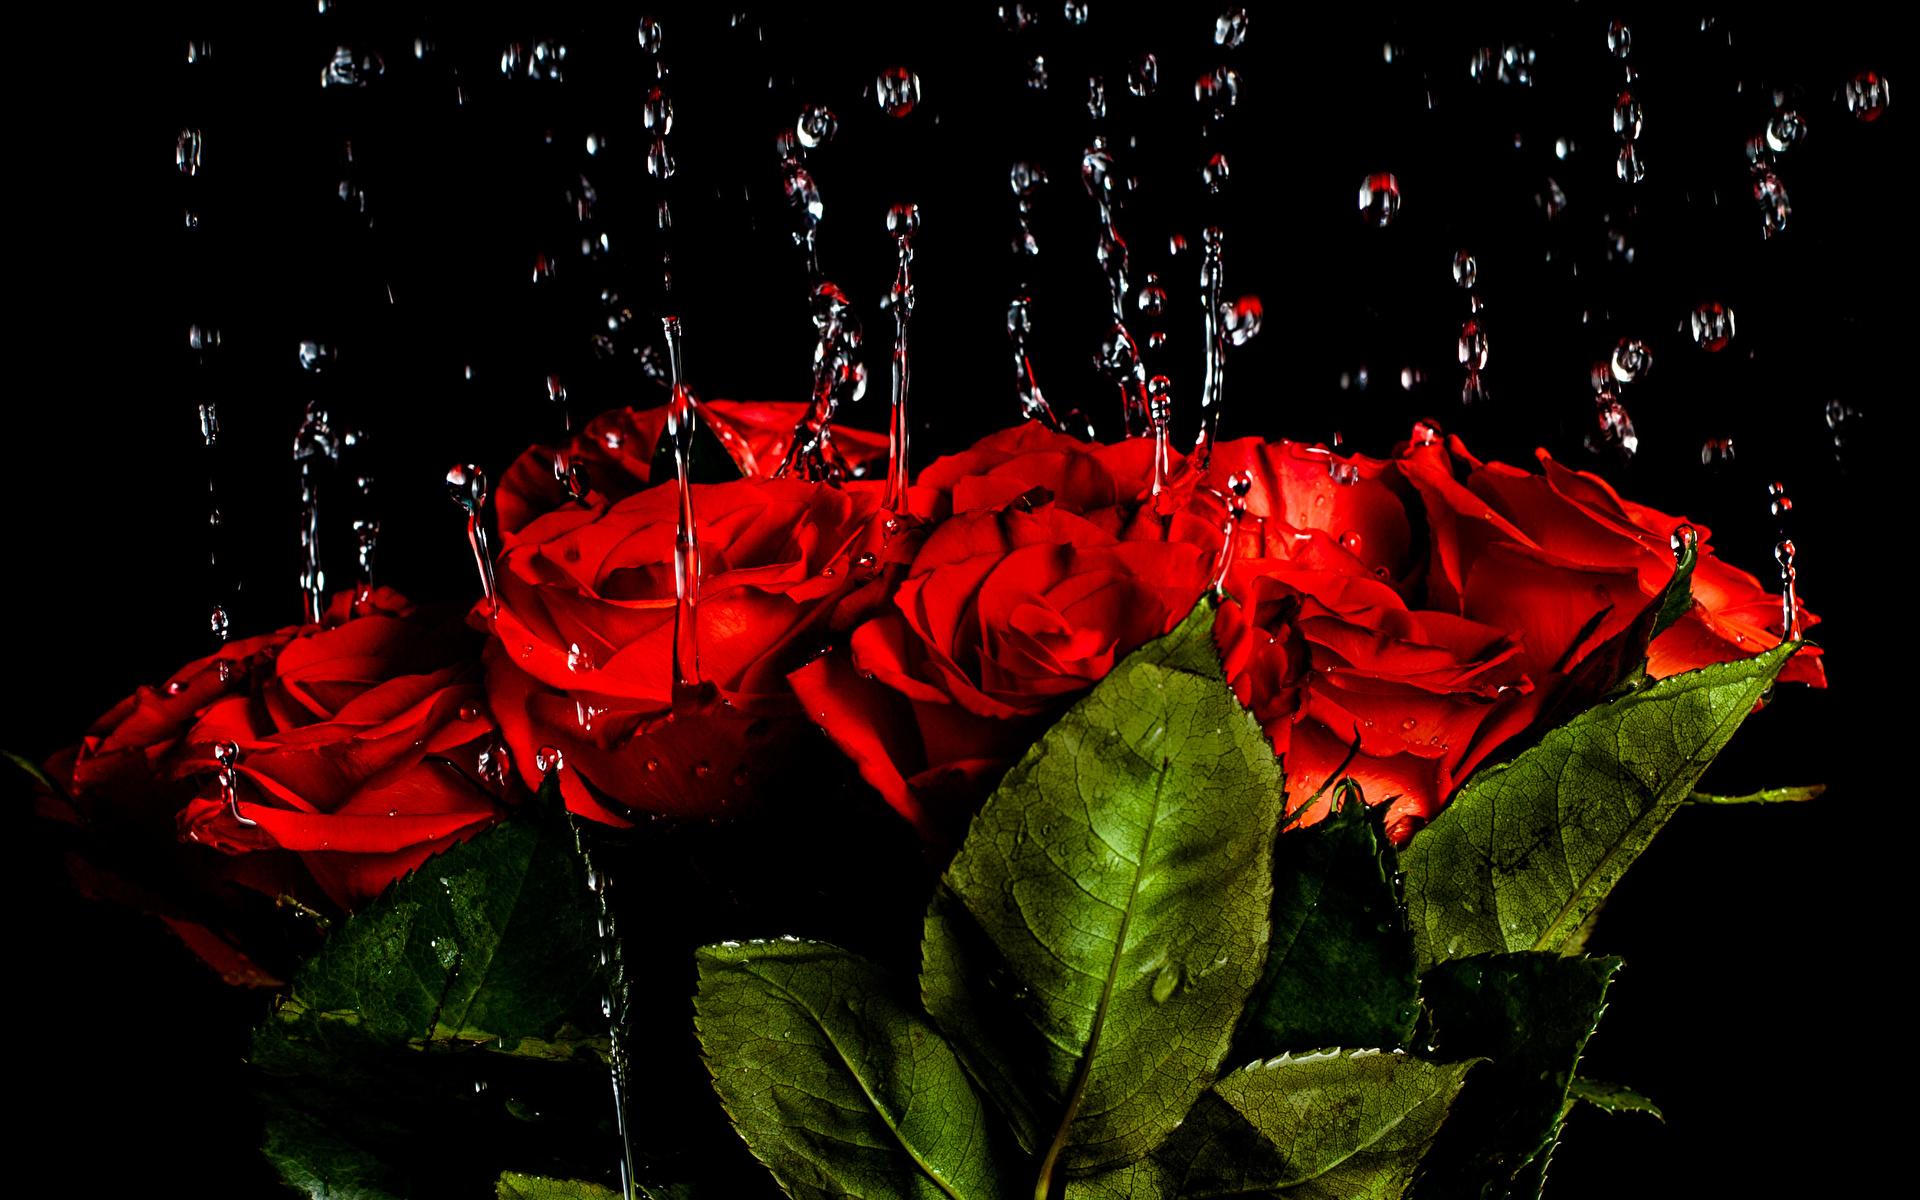 Обои на рабочий стол красная роза на черном фоне